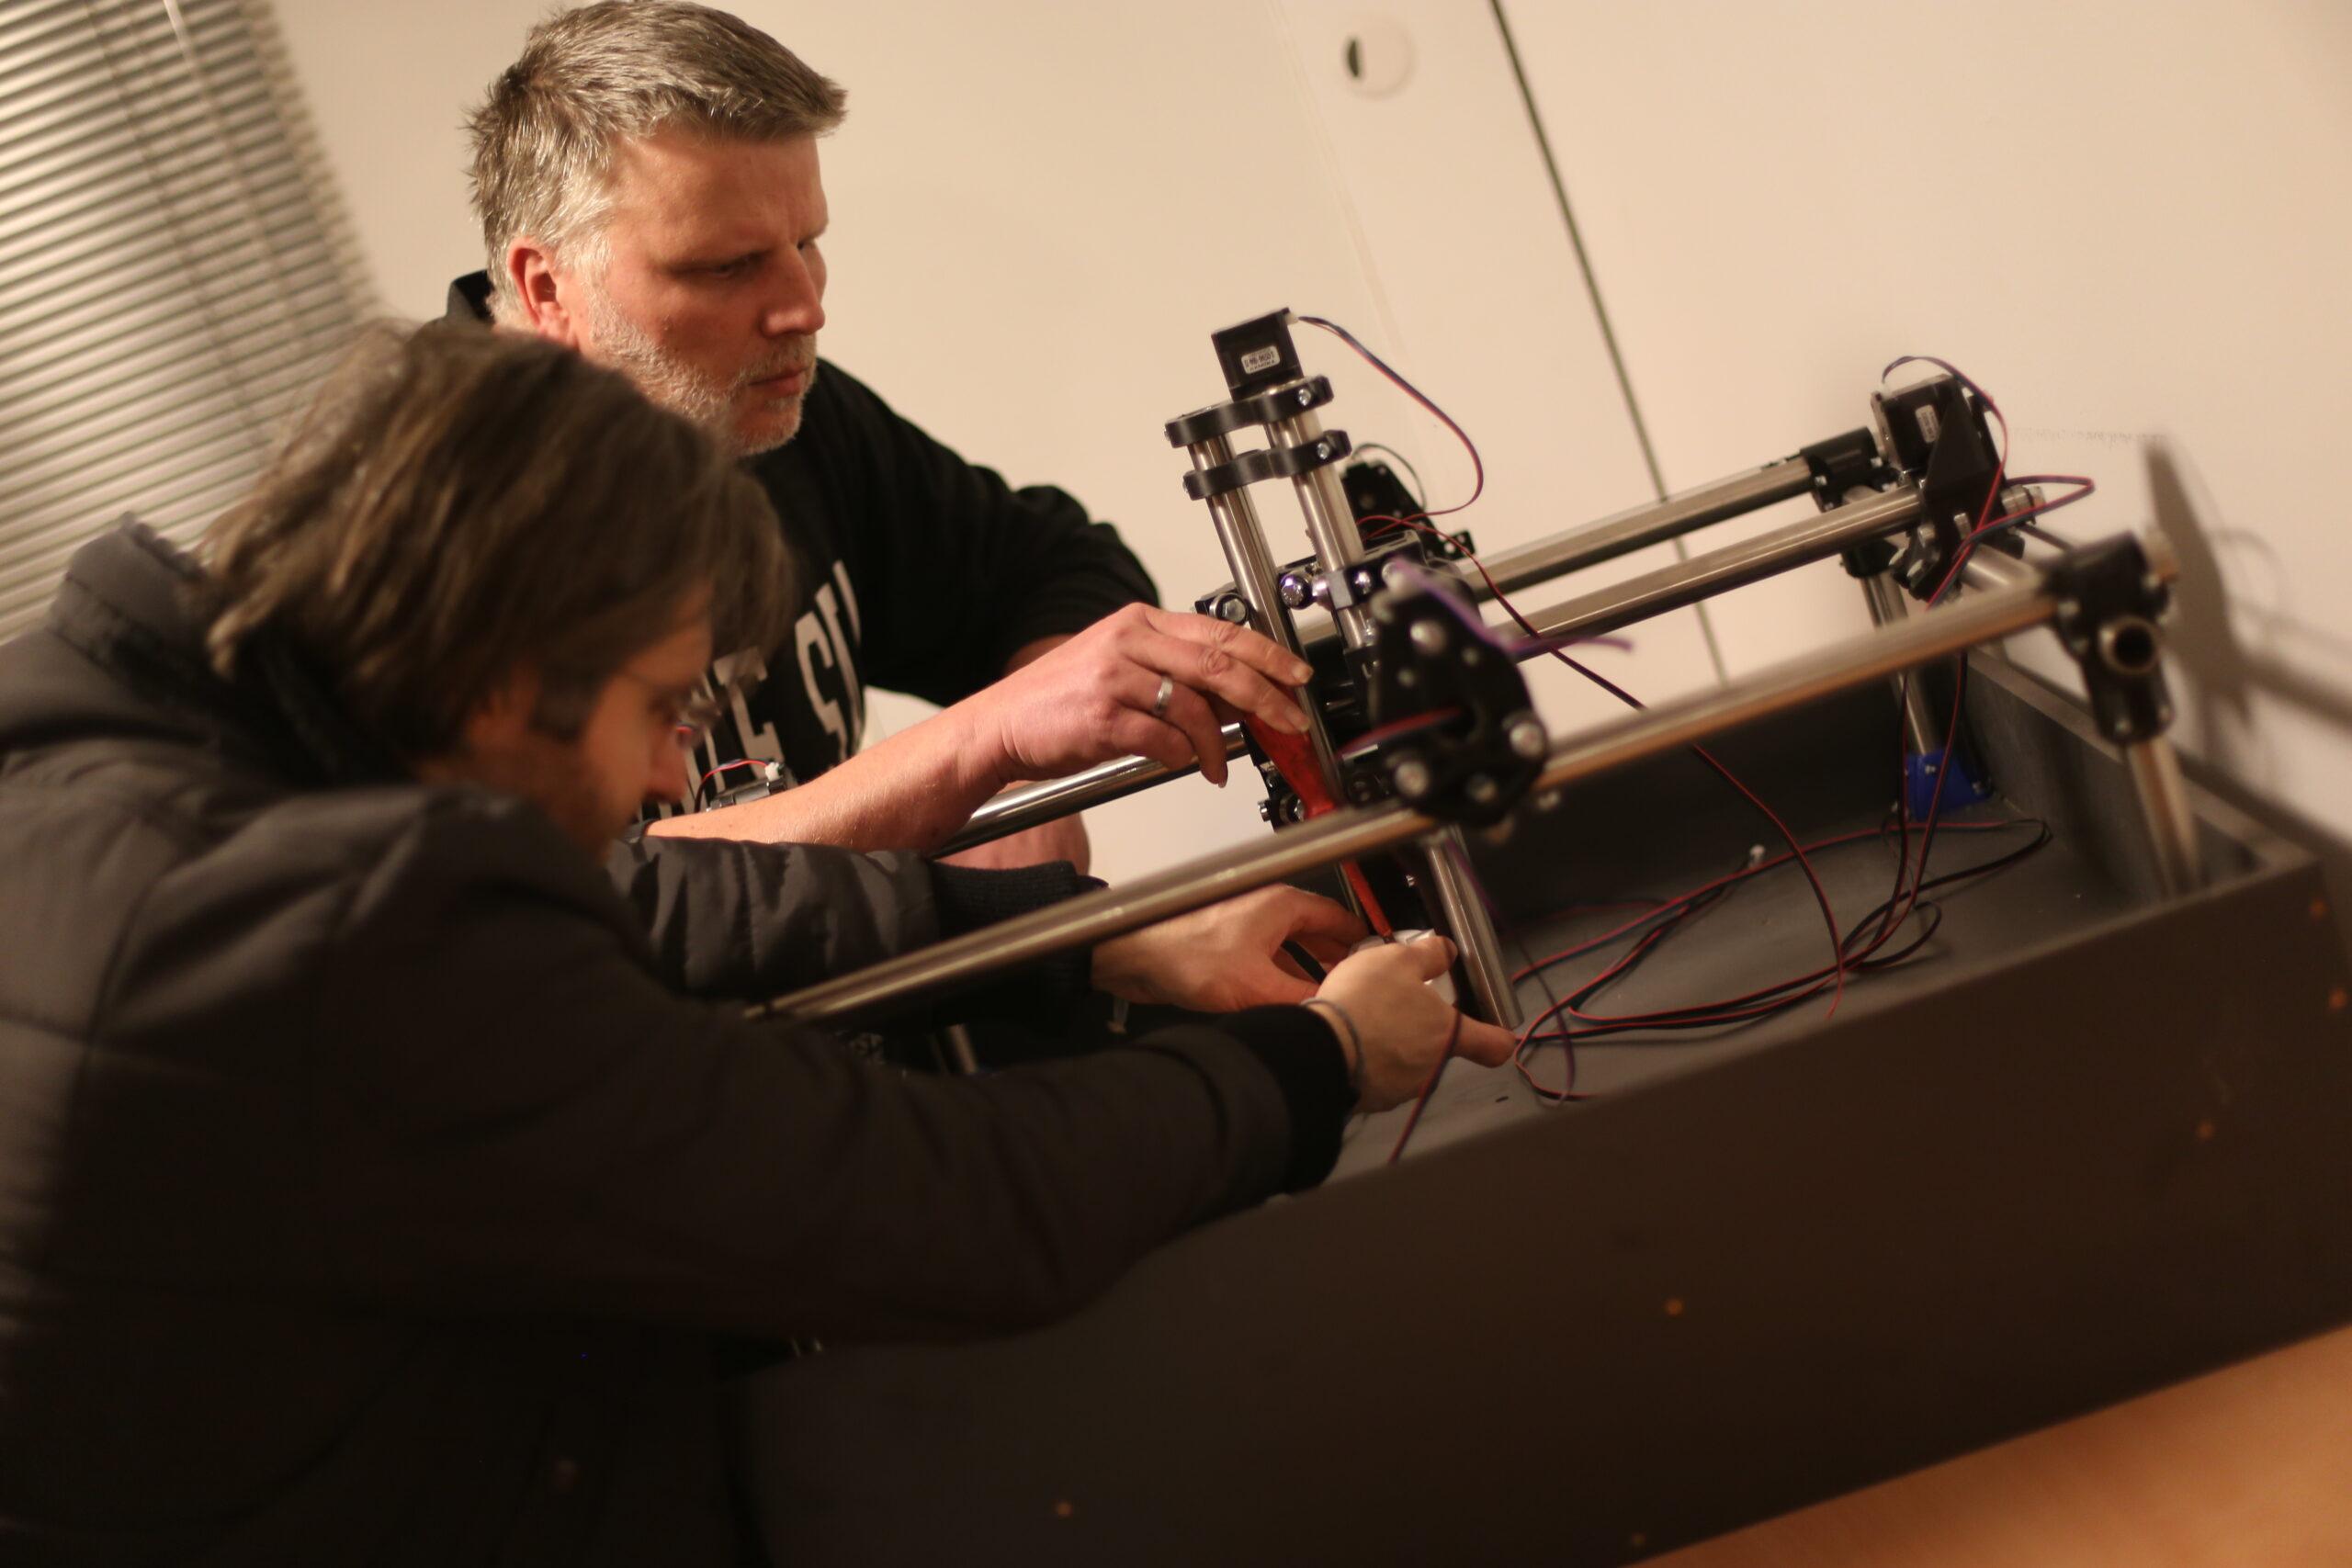 Maker an CNC